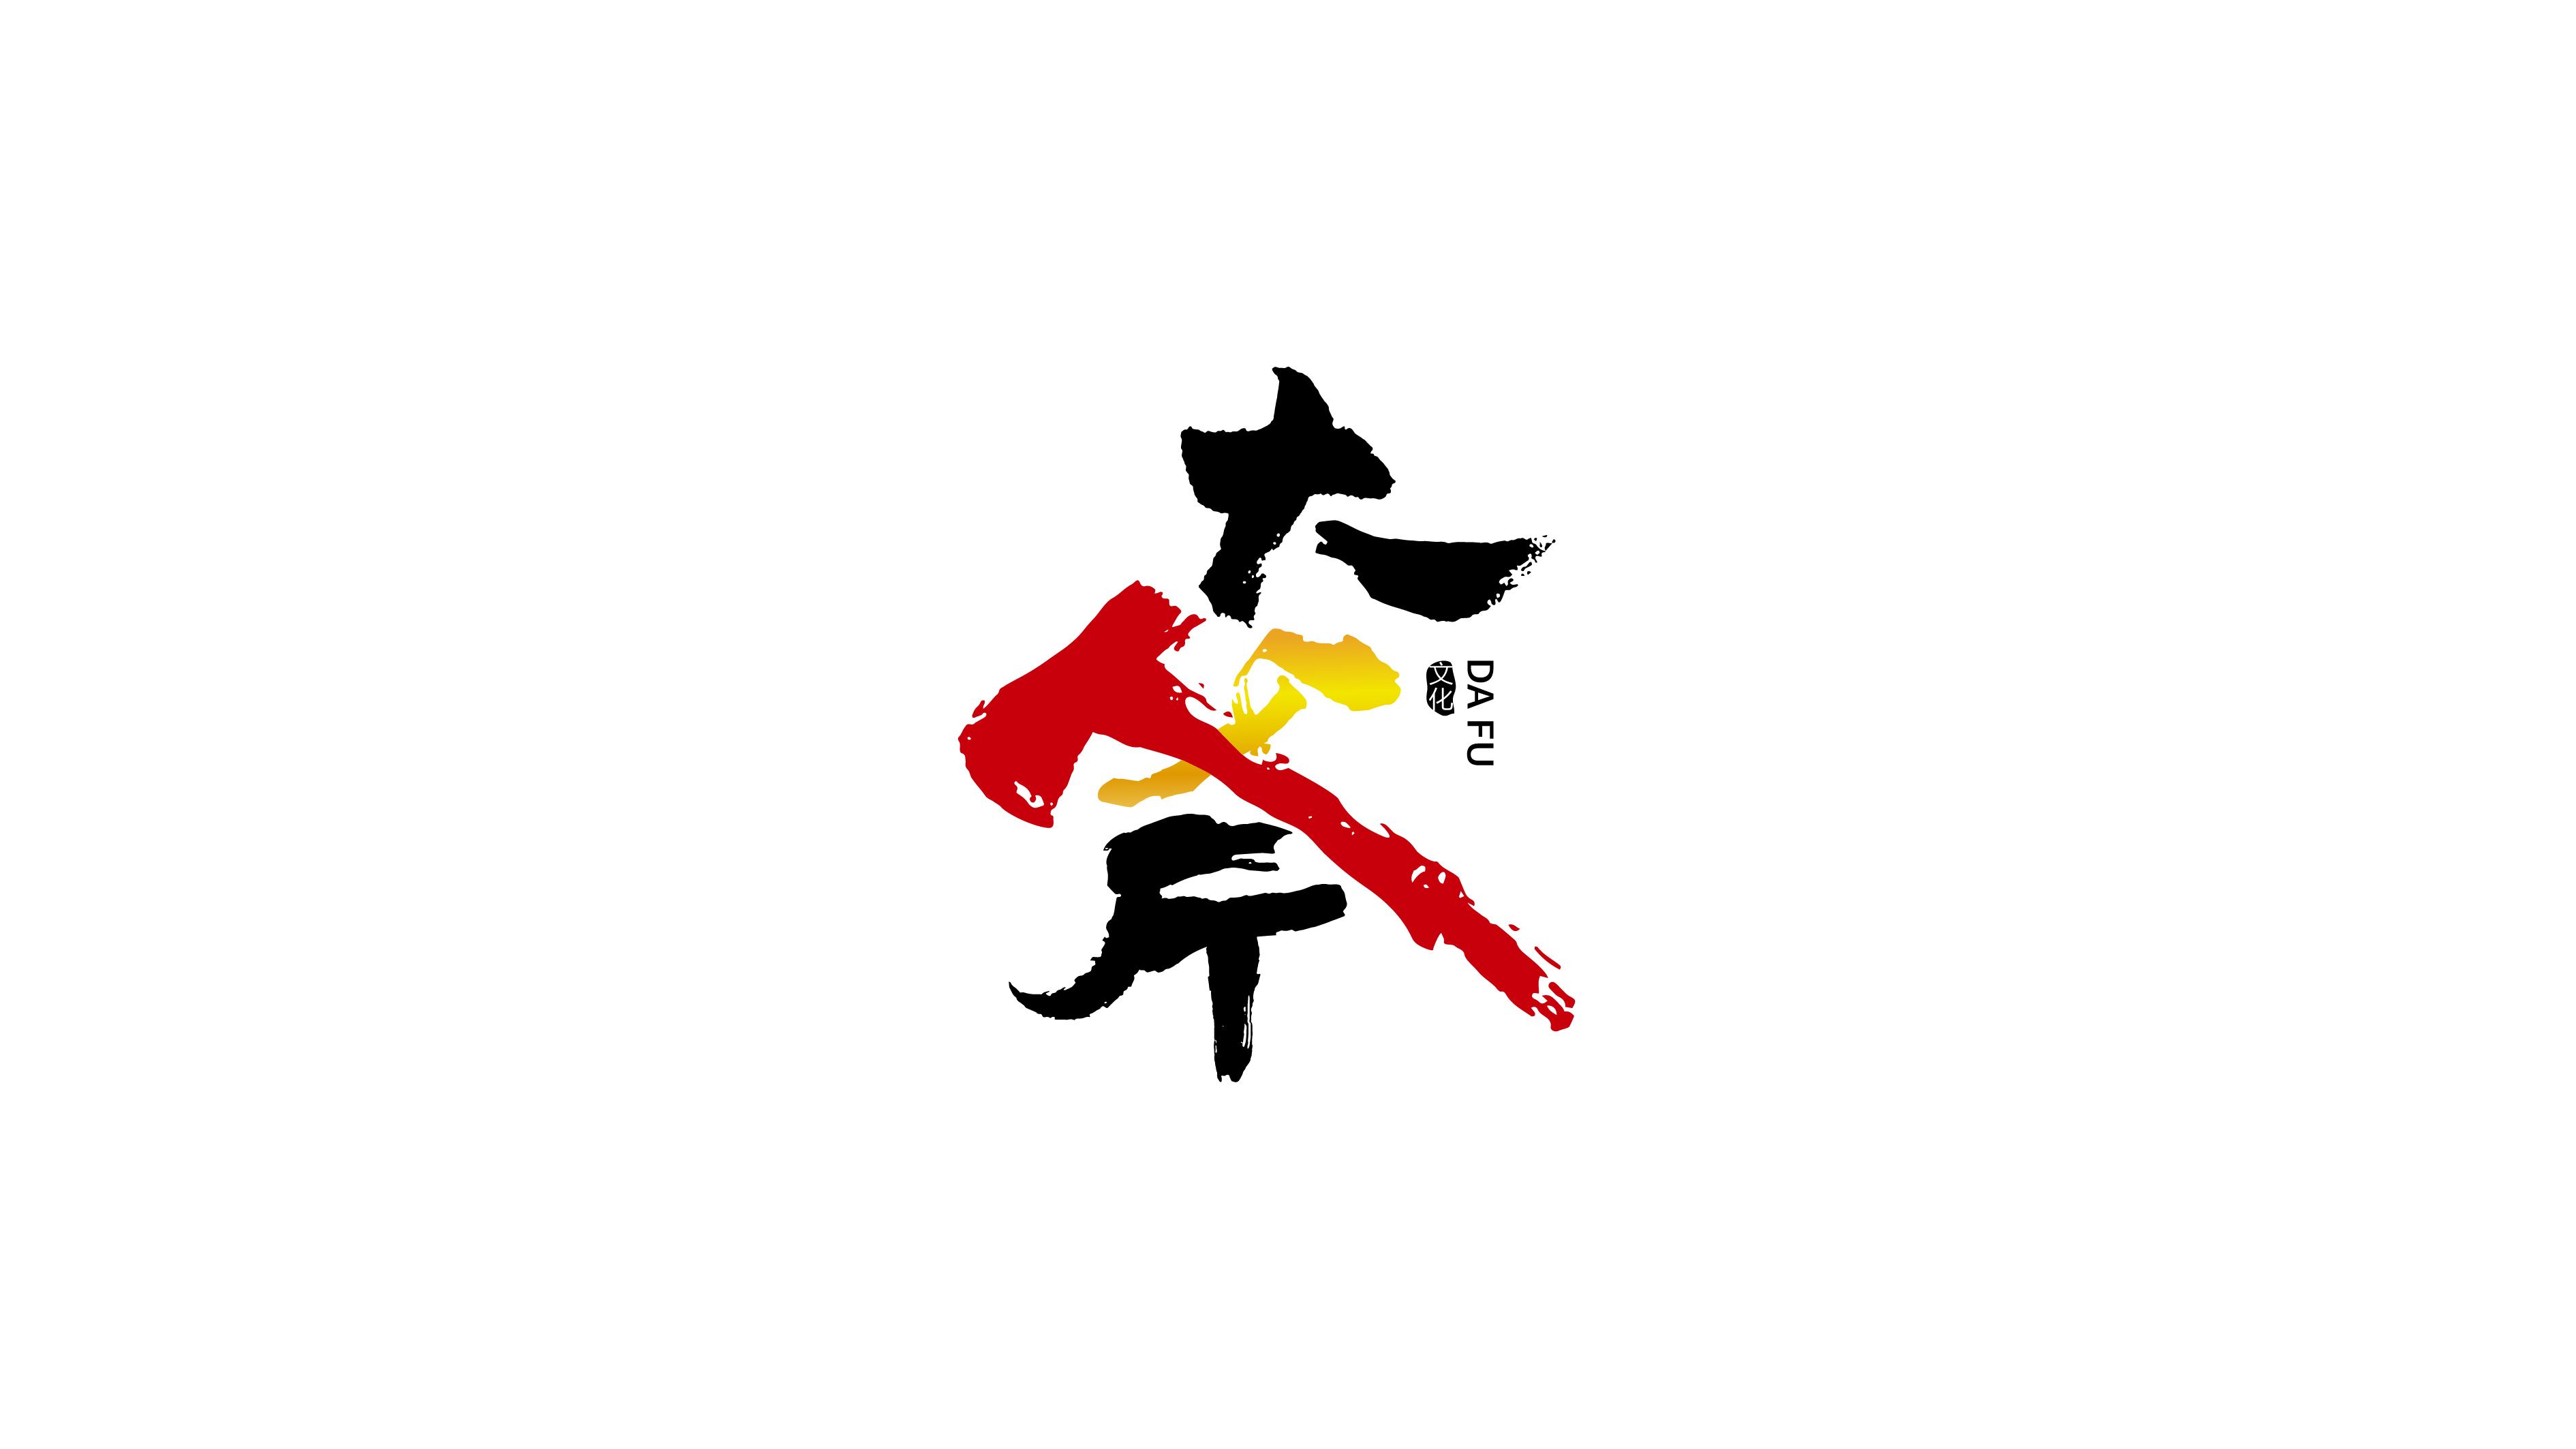 大斧国际传媒公司LOGO万博手机官网